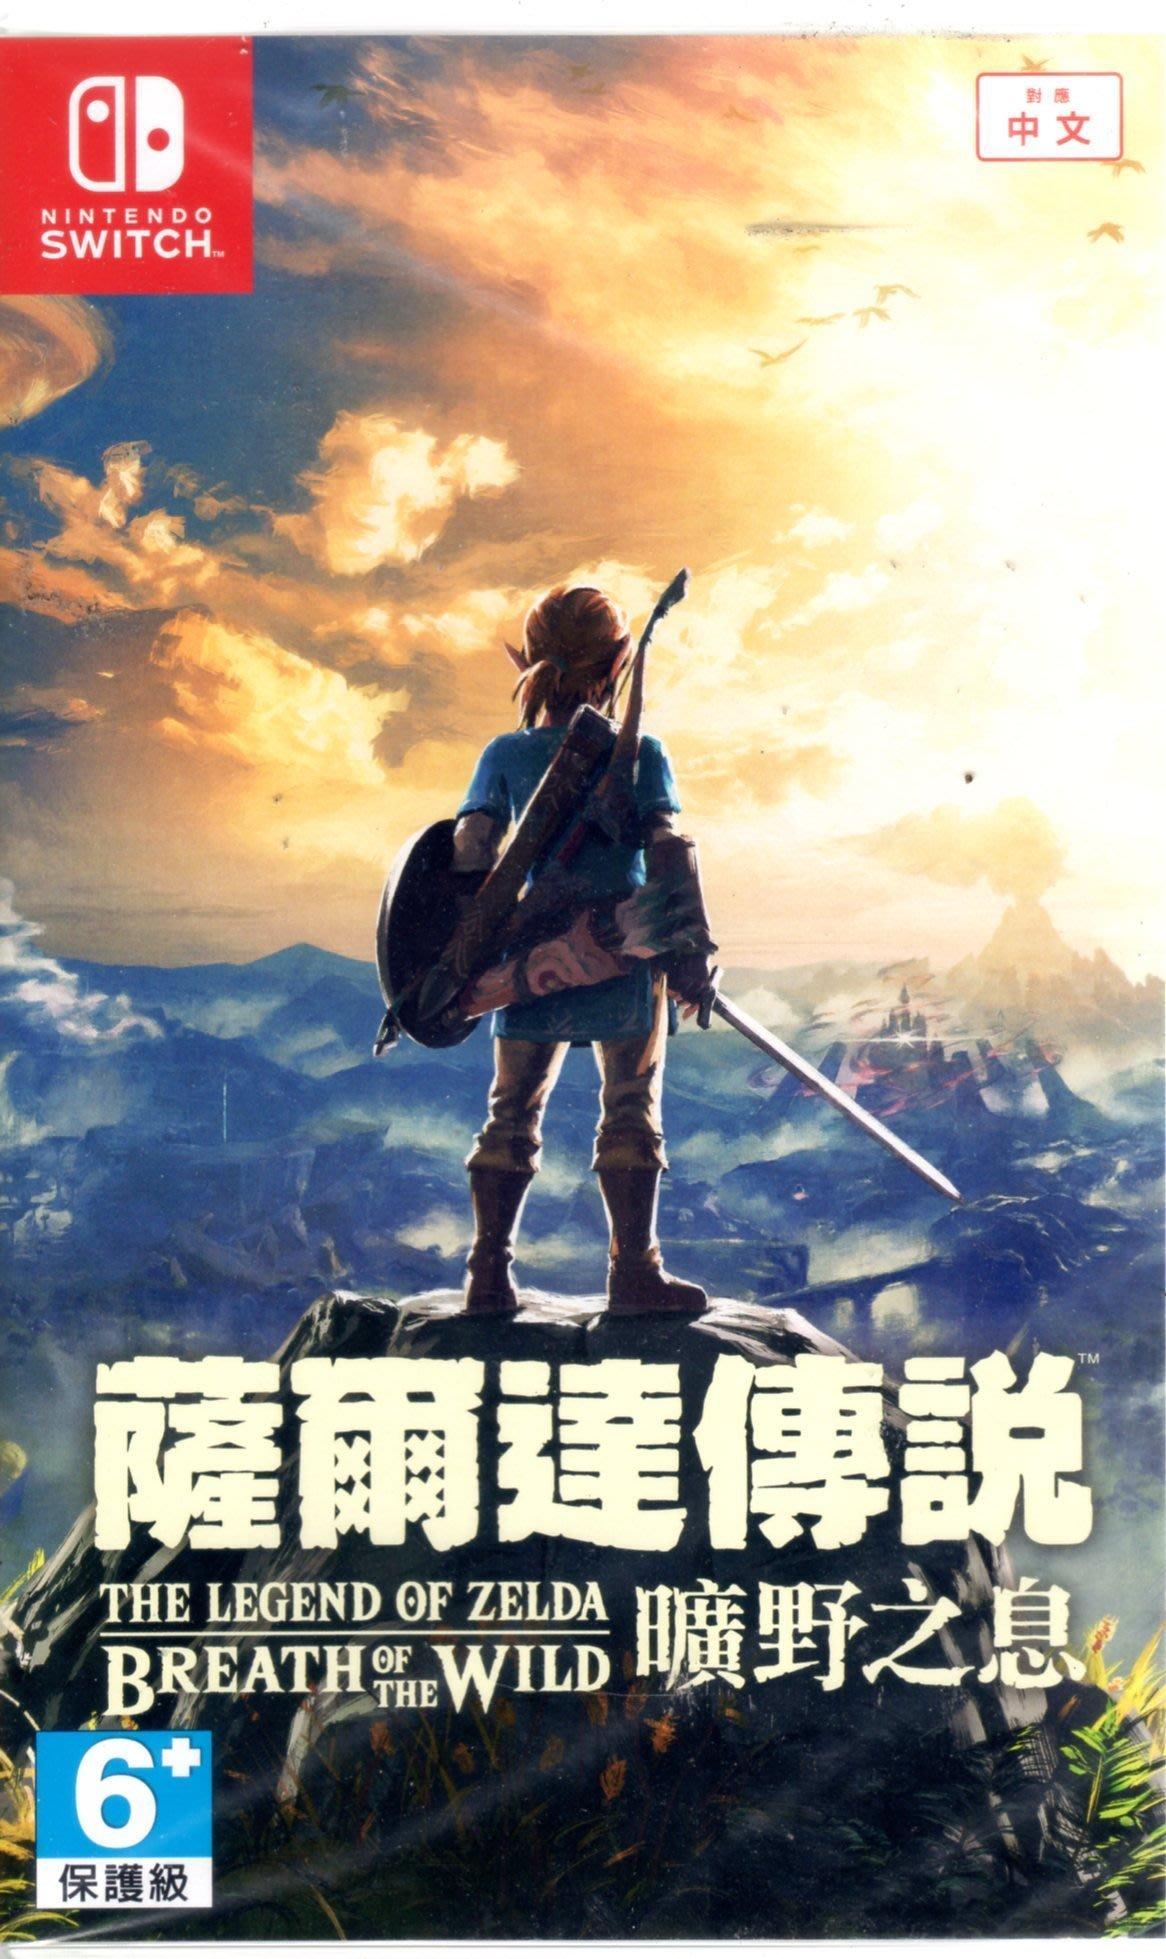 Switch 遊戲 薩爾達傳說 荒 薩爾達傳說 荒野之息 曠野之息  中文版 【板橋魔力】